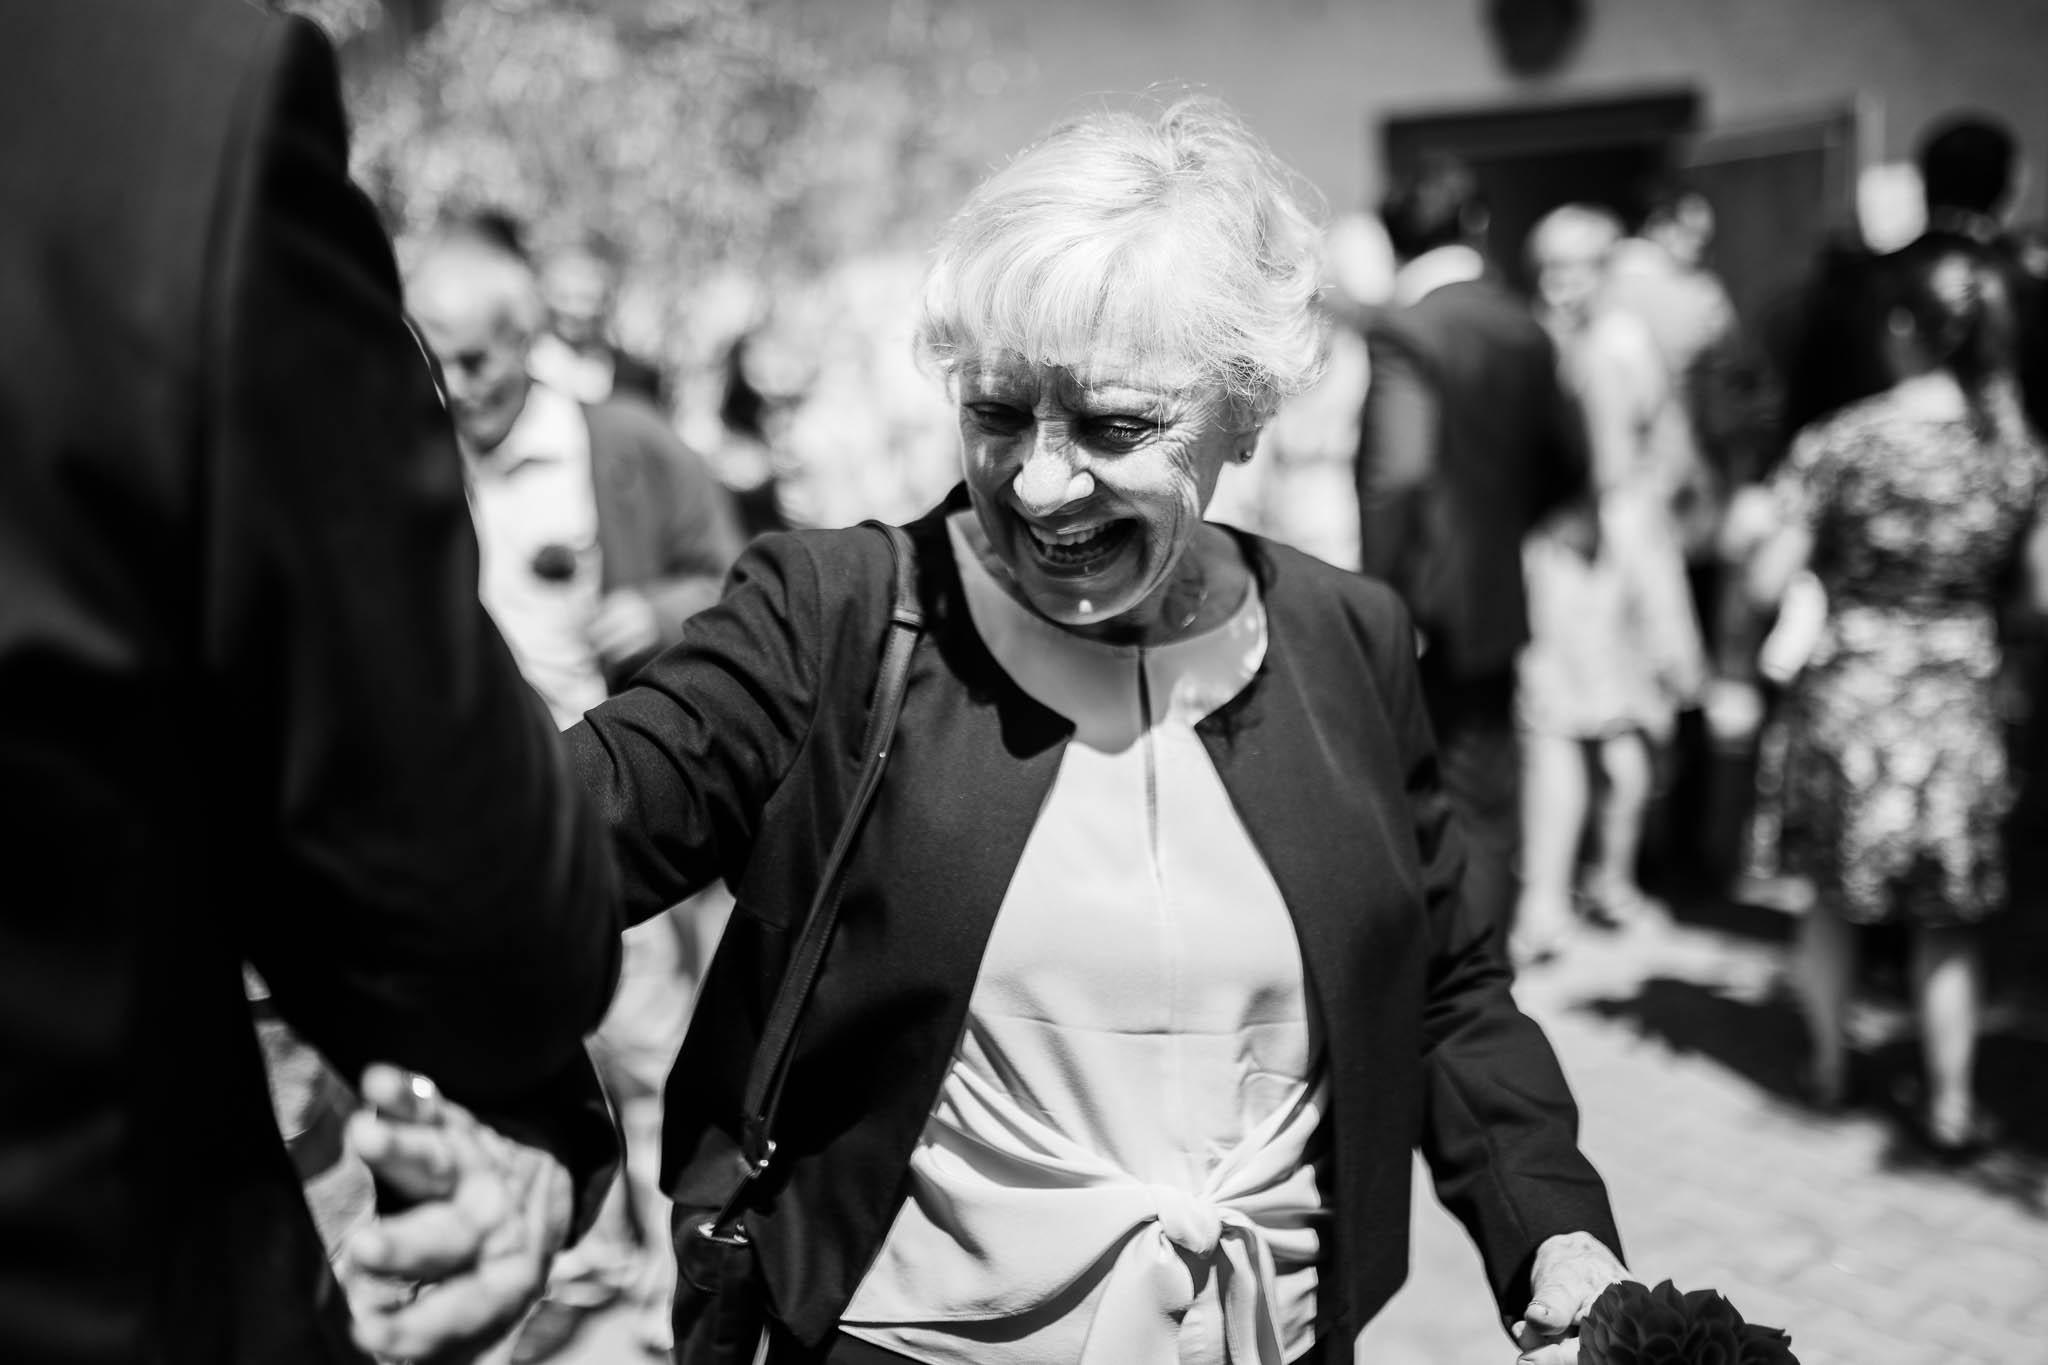 Hochzeitsfotograf Guntersblum, Domhof - Hochzeit von Ina & Johannes 33